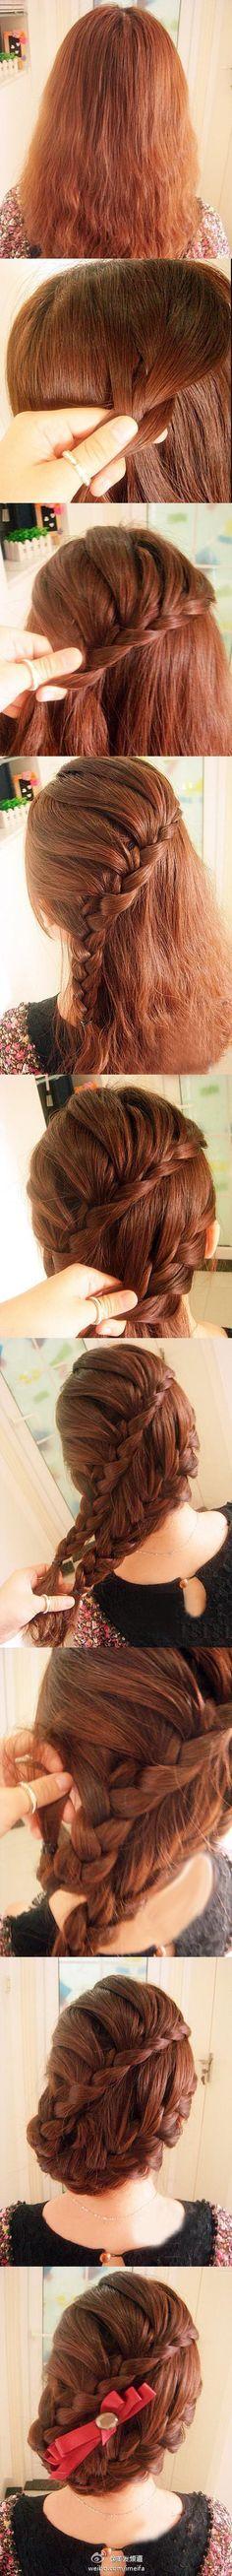 An idea for my hair for grad!